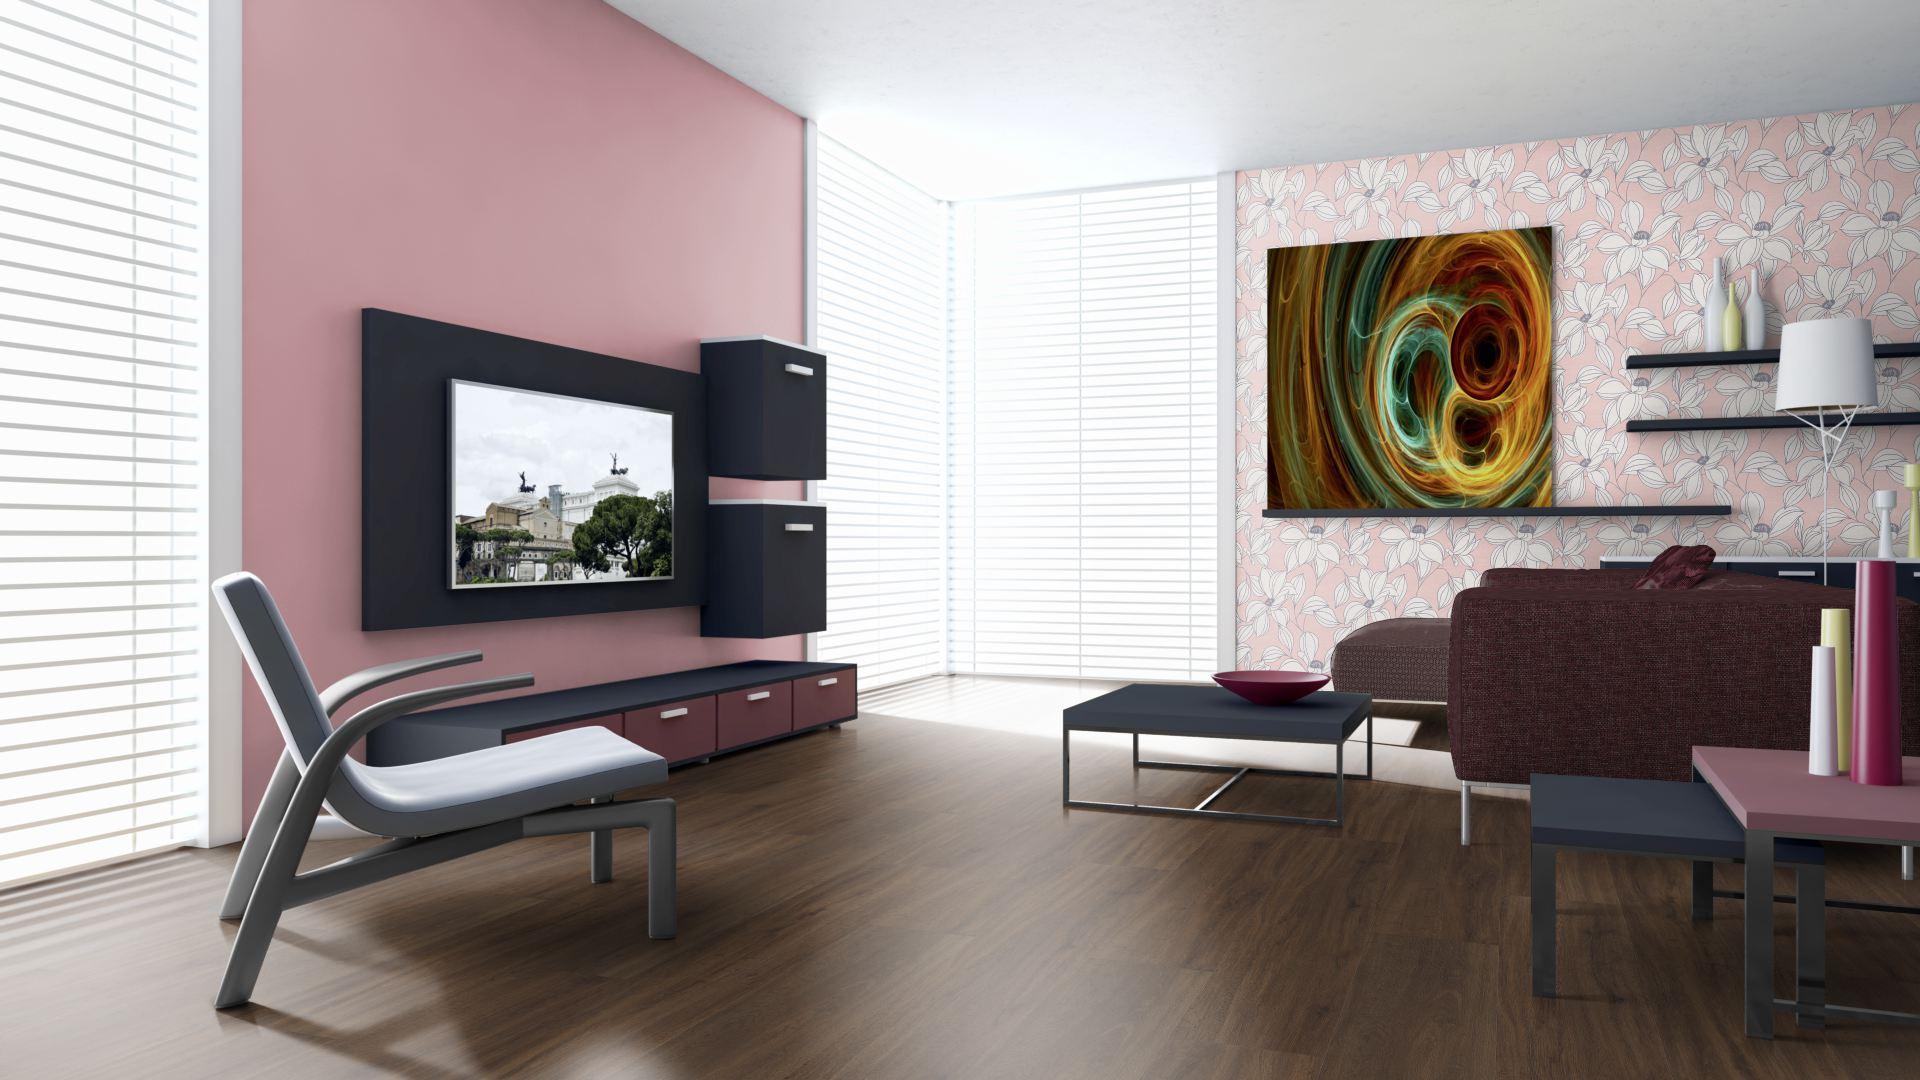 Startseite - Reiser Raum - Dekor & Farbe